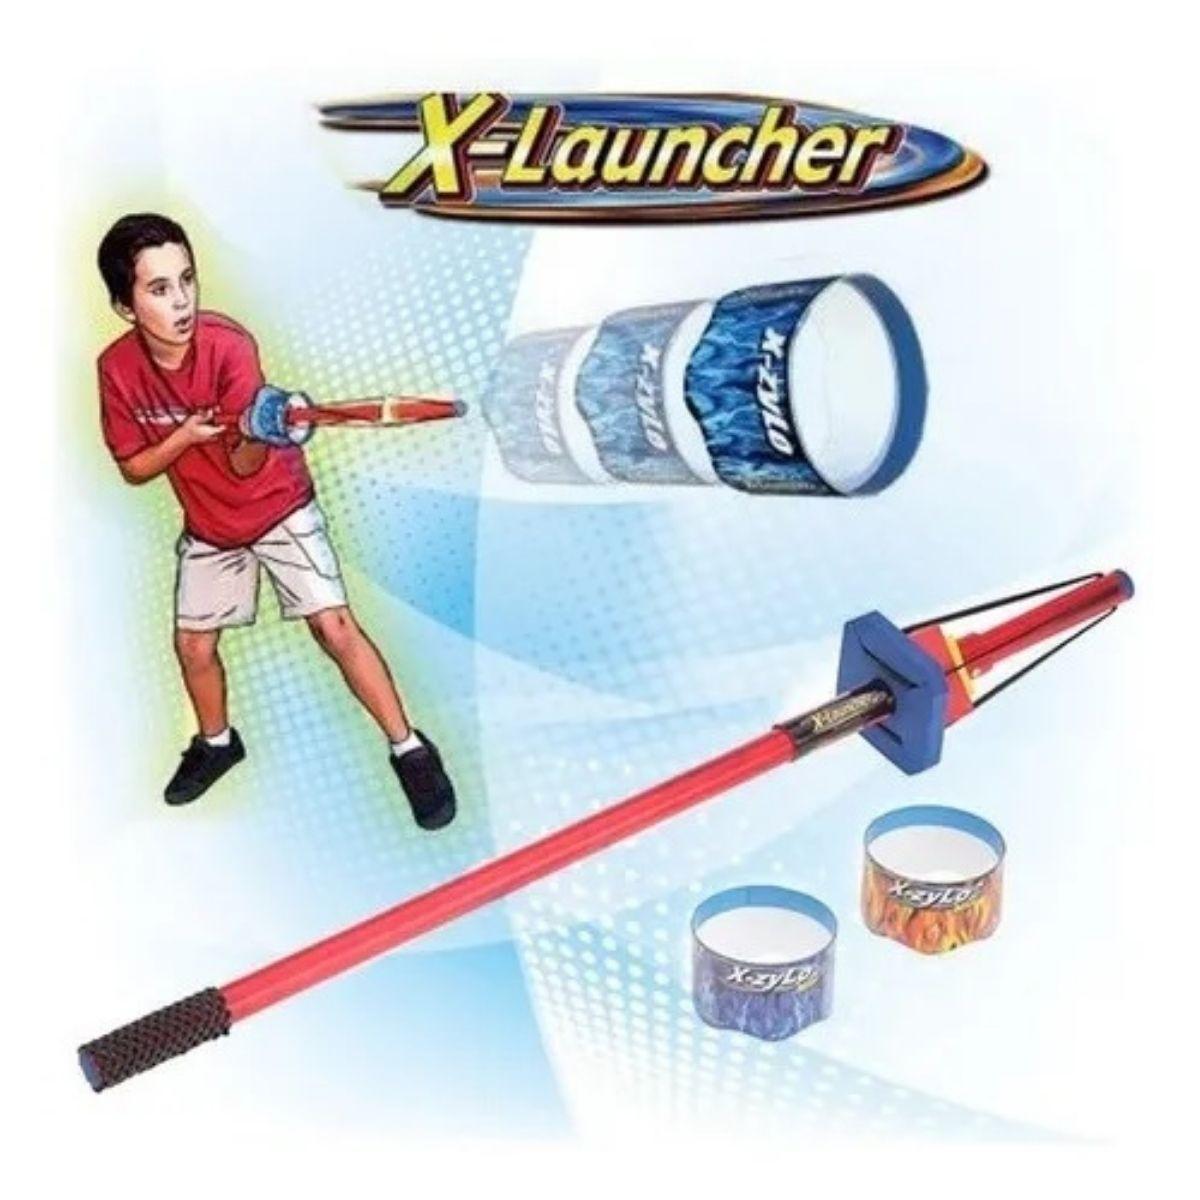 Brinquedo x launcher